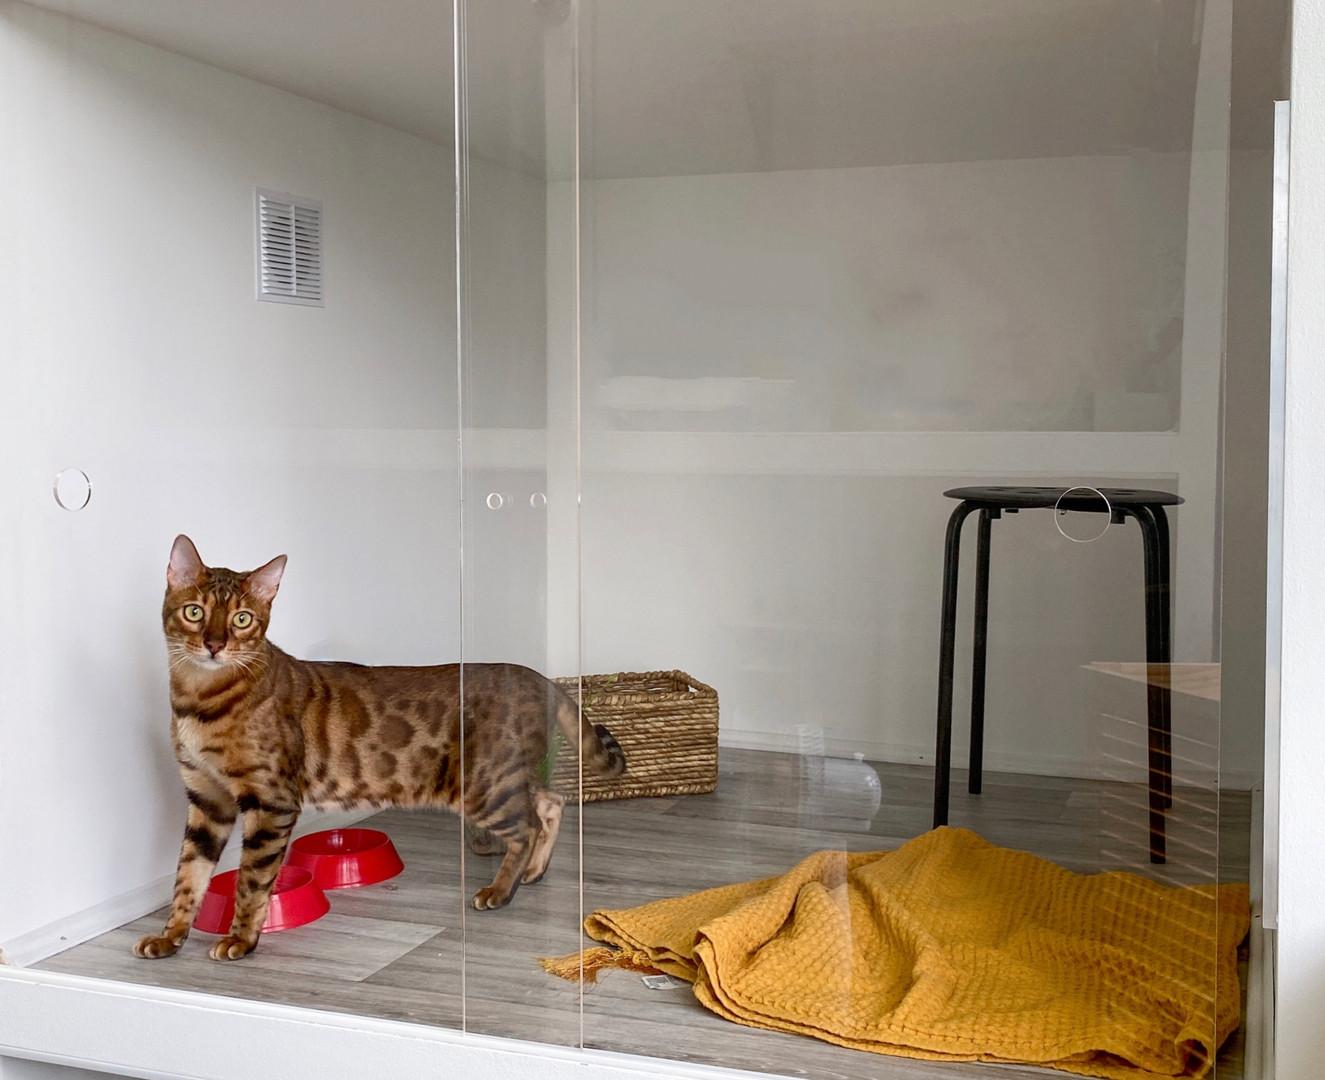 гостиница для кошек москва